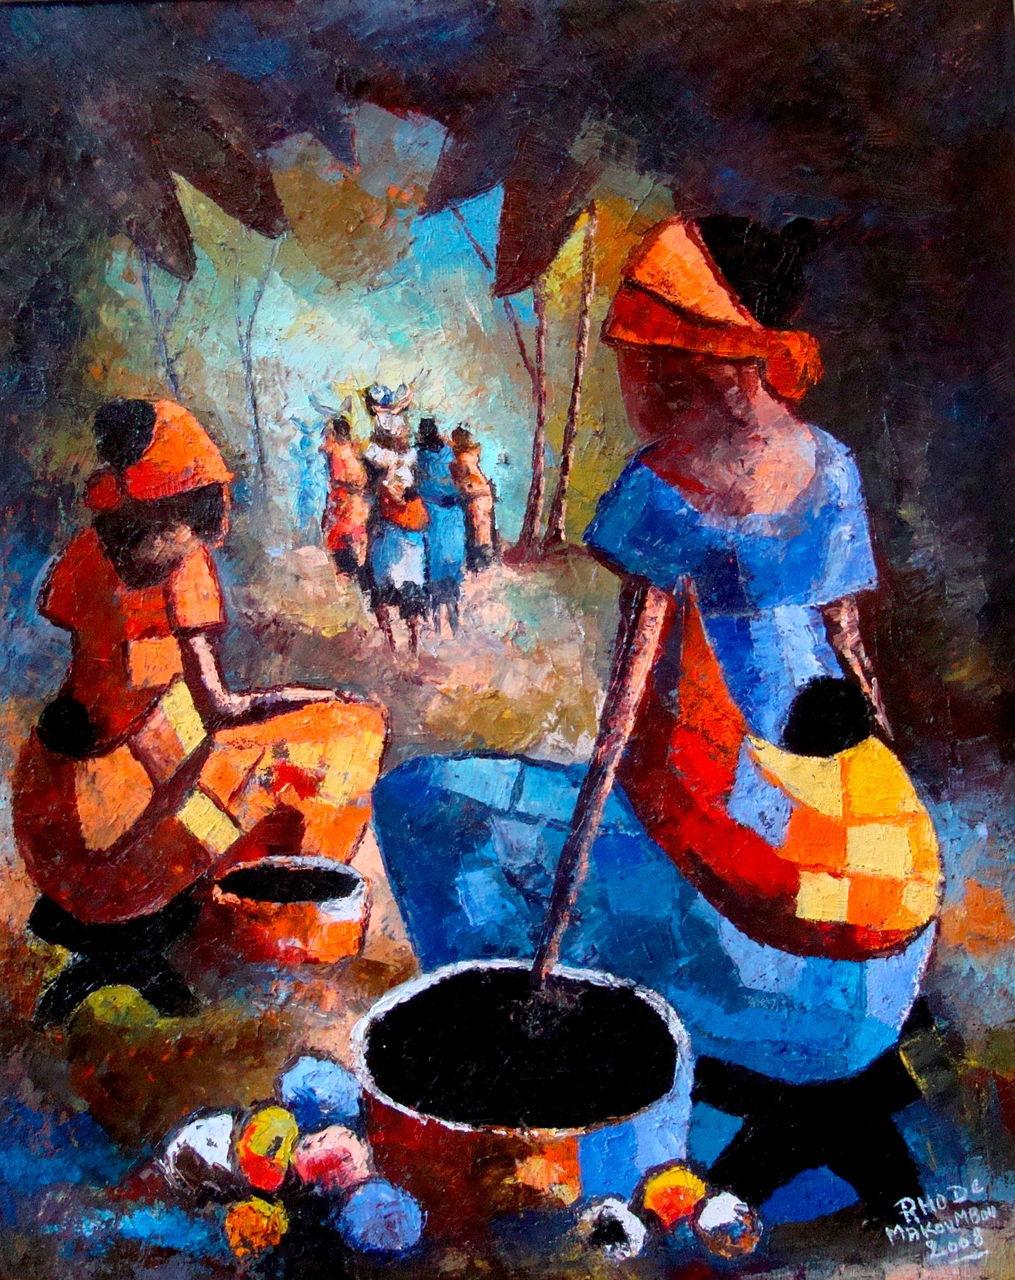 Rhode Bath-Schéba Makoumbou Peintures